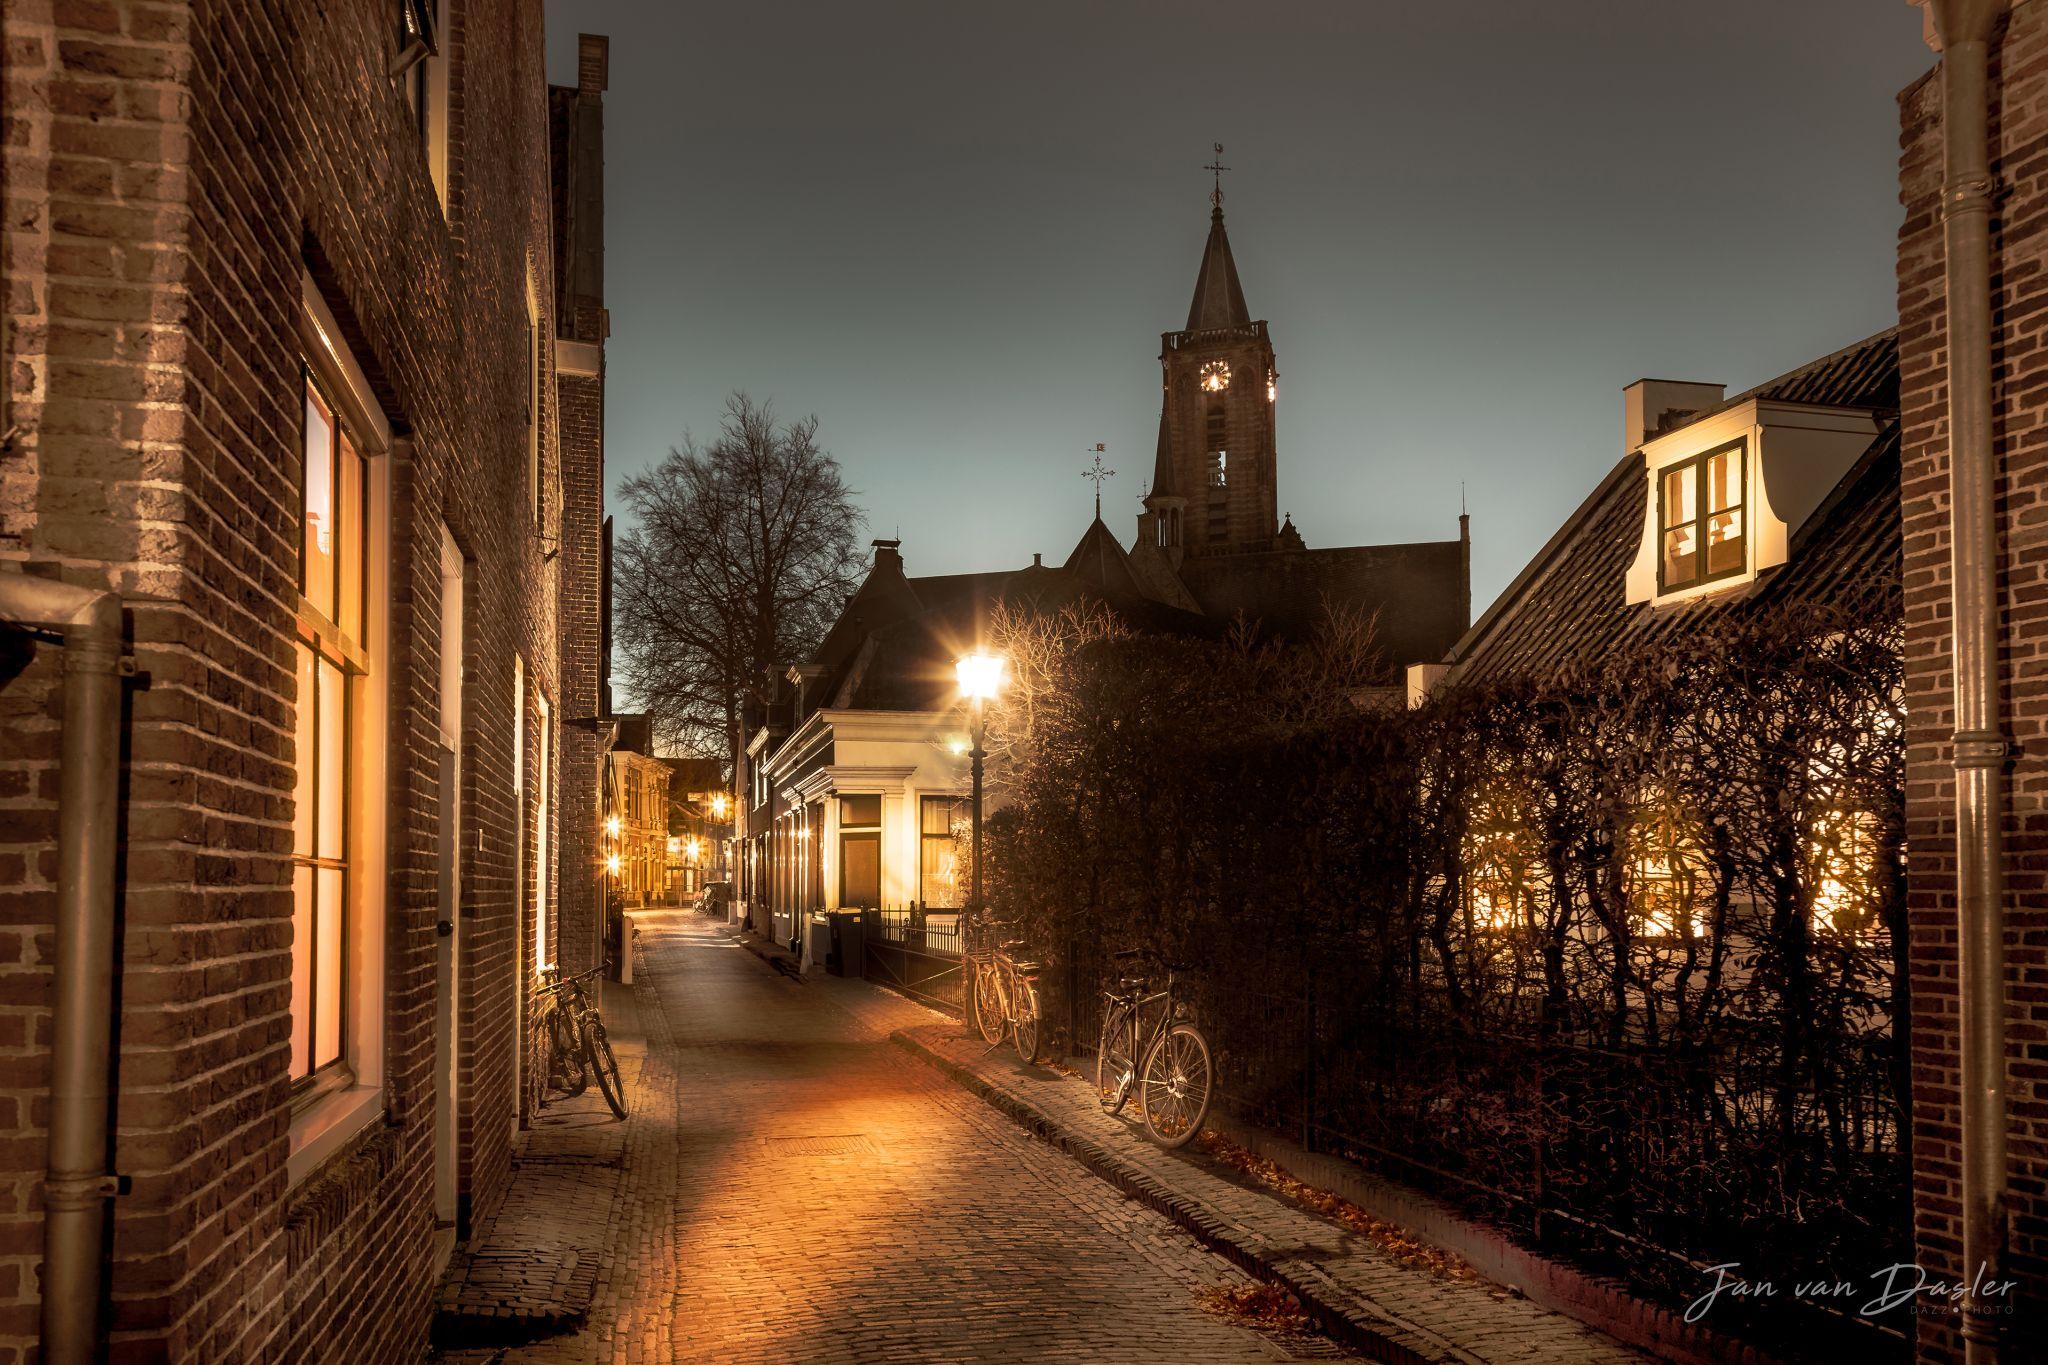 Little Street in Loenen aan de Vecht, Netherlands